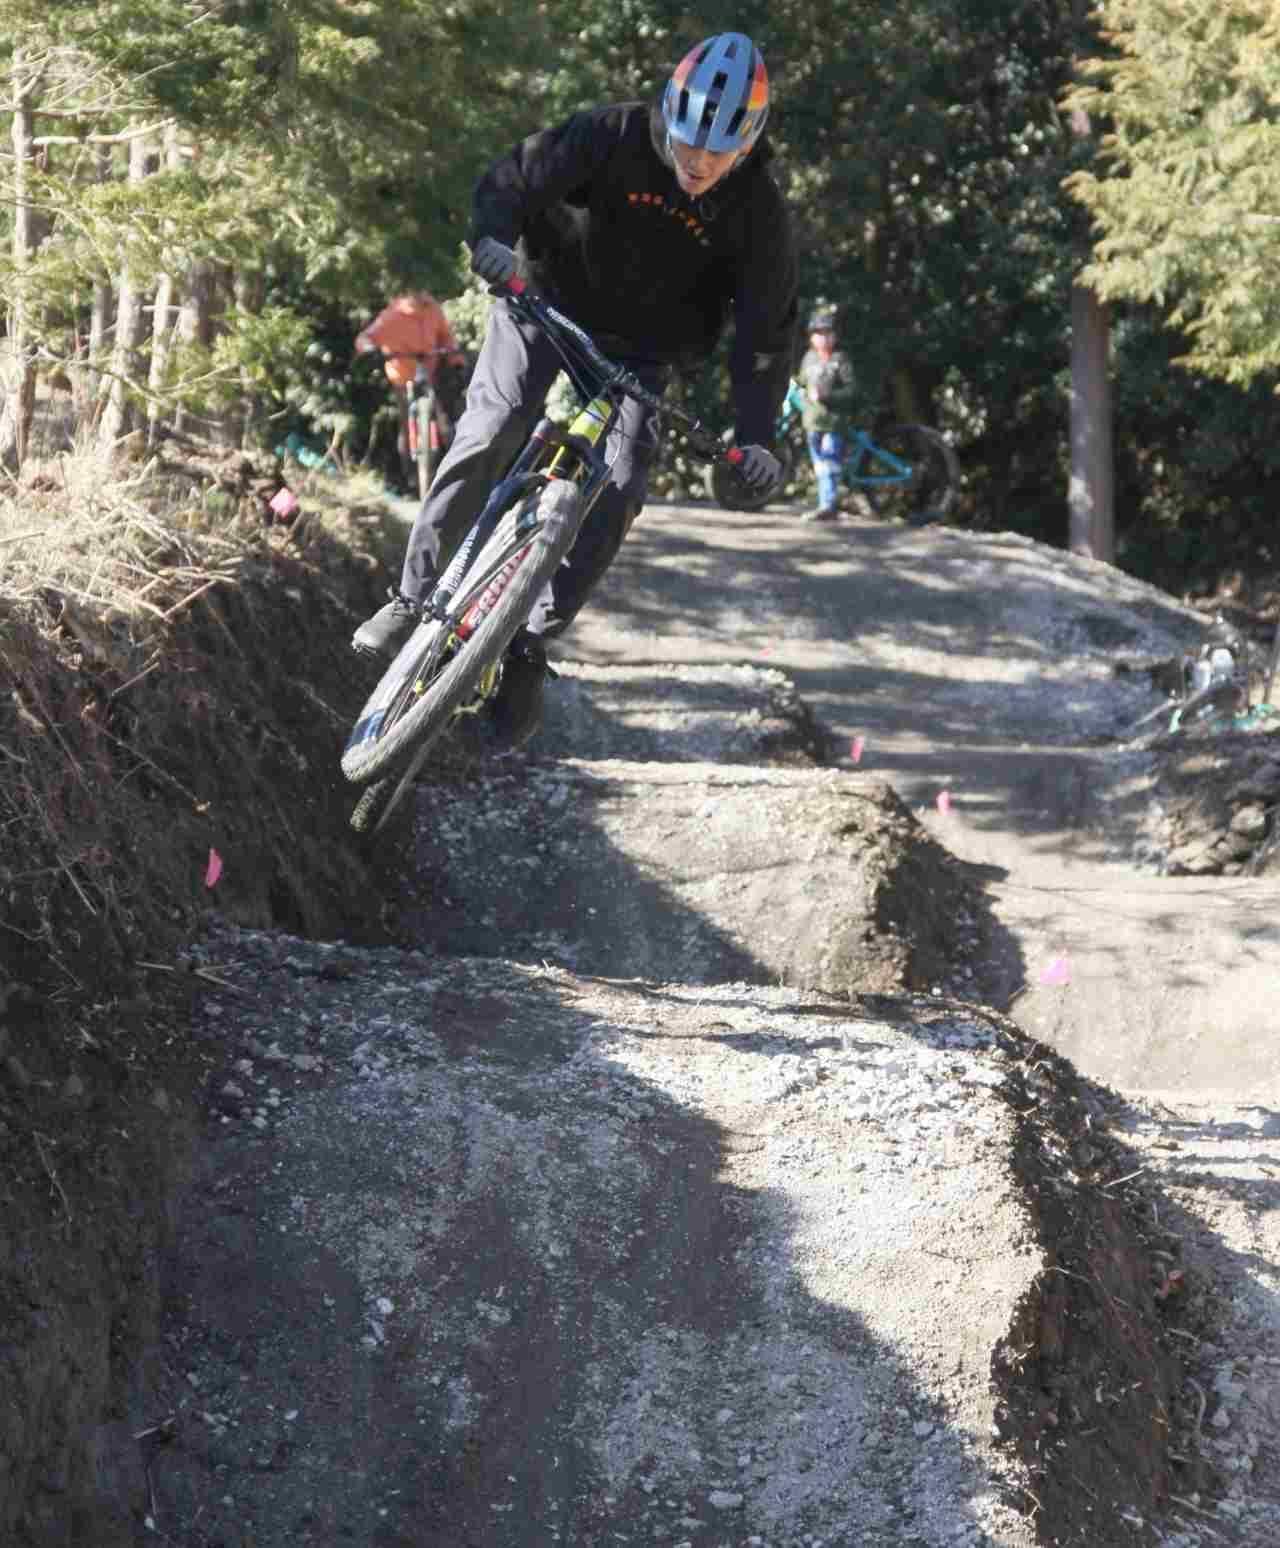 本格的なMTBライドが楽しめる「フォレストバイク・小田原」に、トレイルコースとジャンプレーン新設